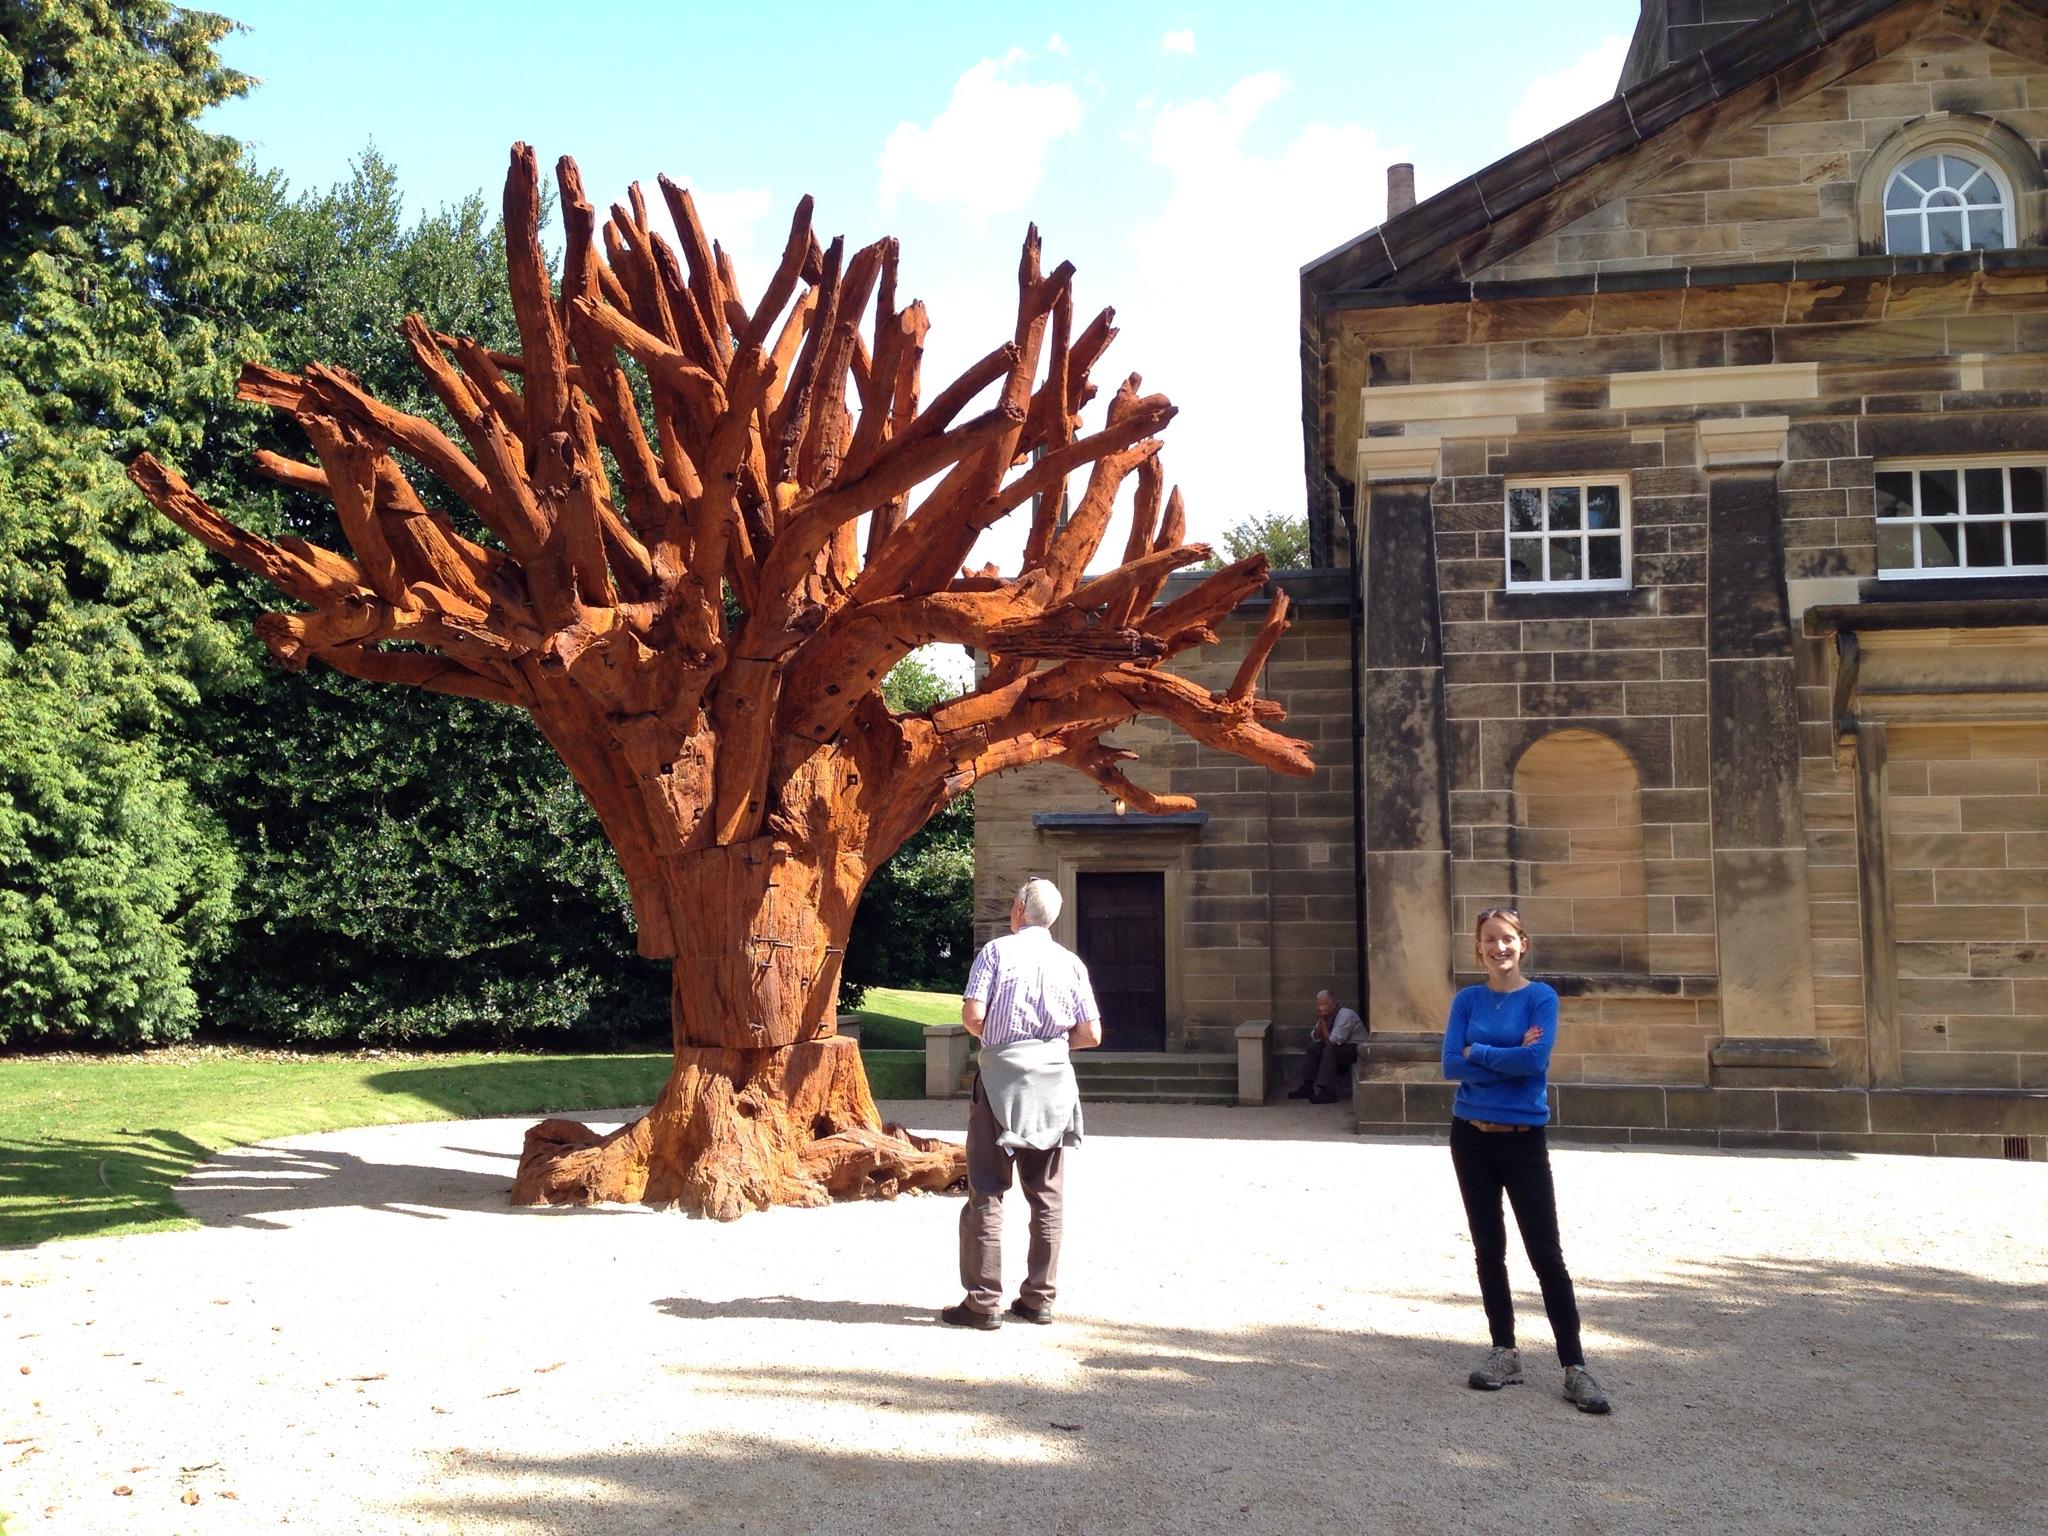 Ai Wei Wei's Iron Tree